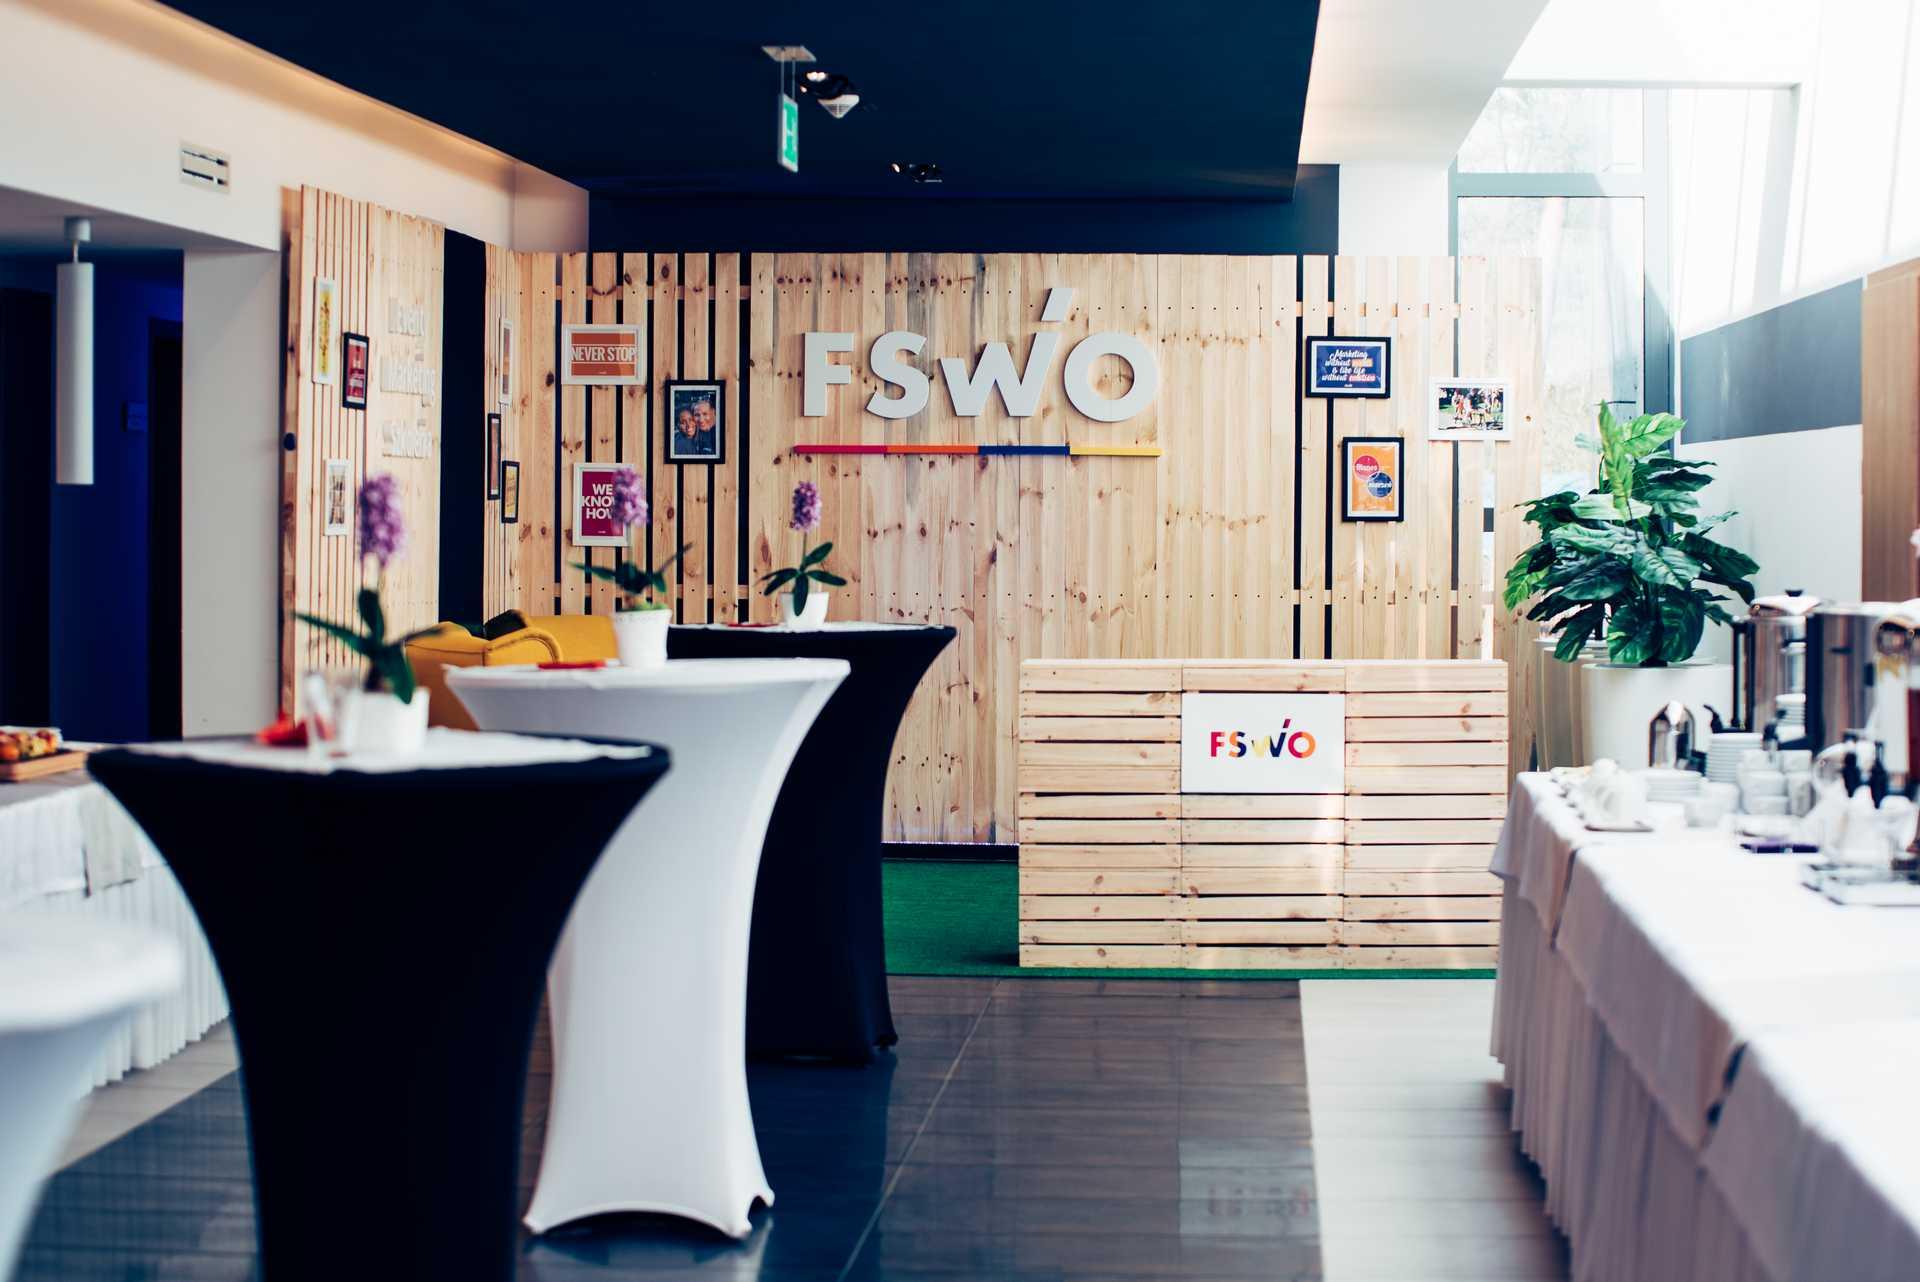 FSWO_BUSINESS_KNOW_HOW